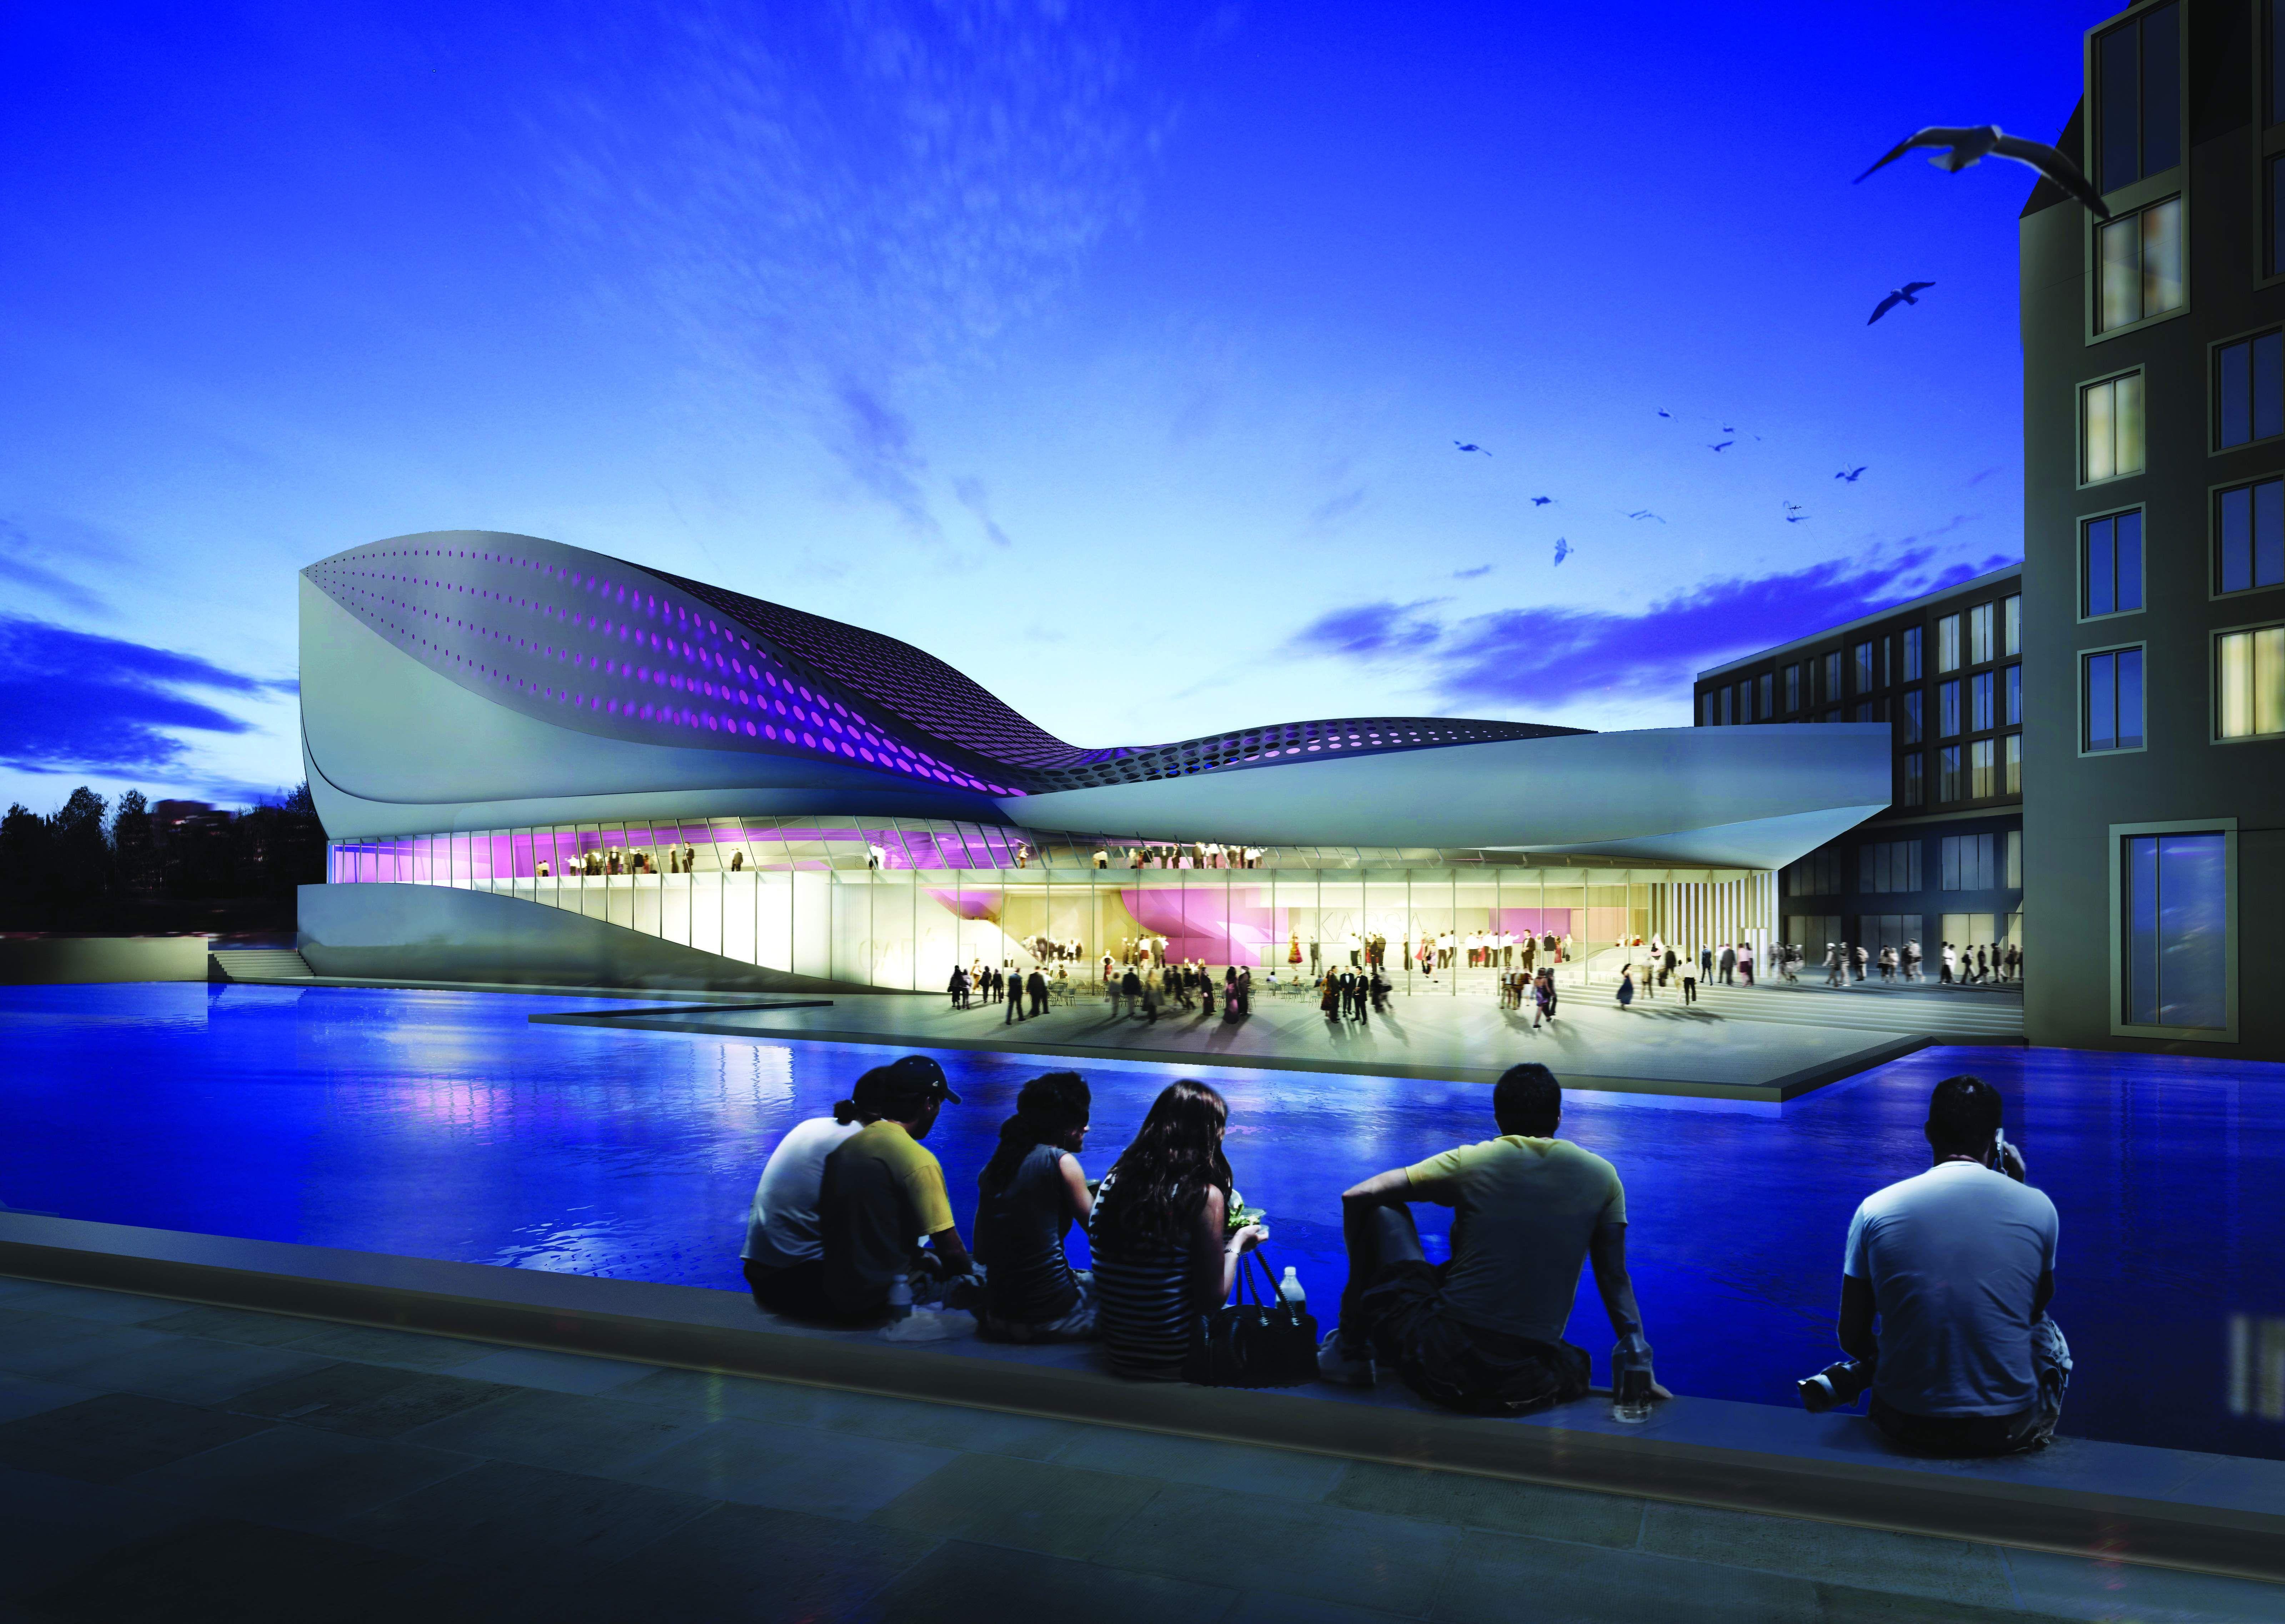 Futuristisch Theater Van Unstudio Architectuur Nl